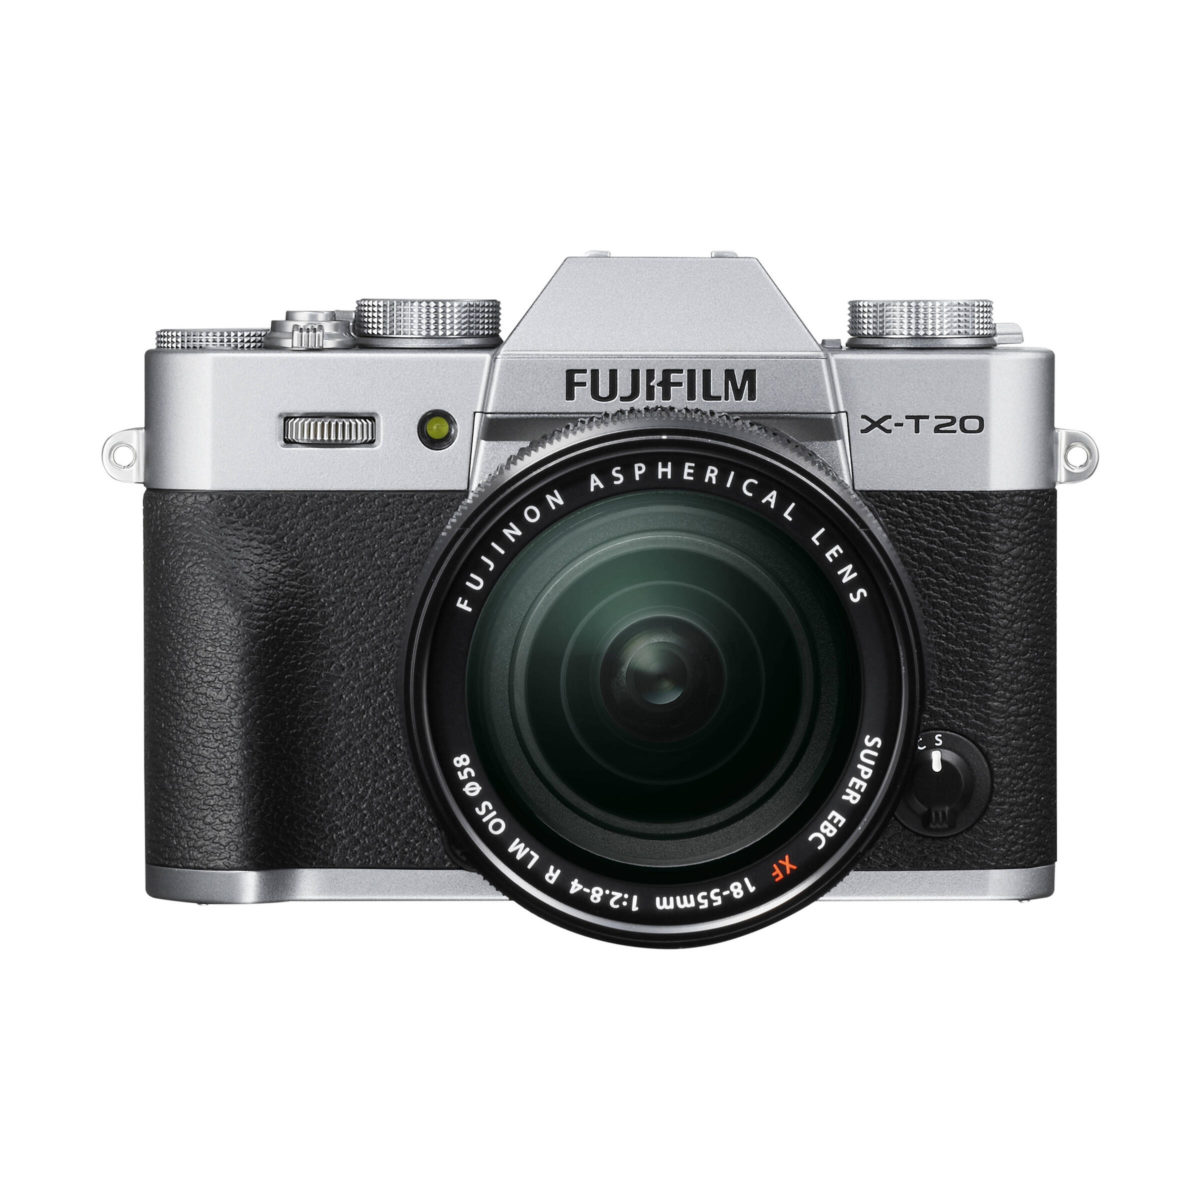 fujifilm_xt20_xf_1855_sl_01